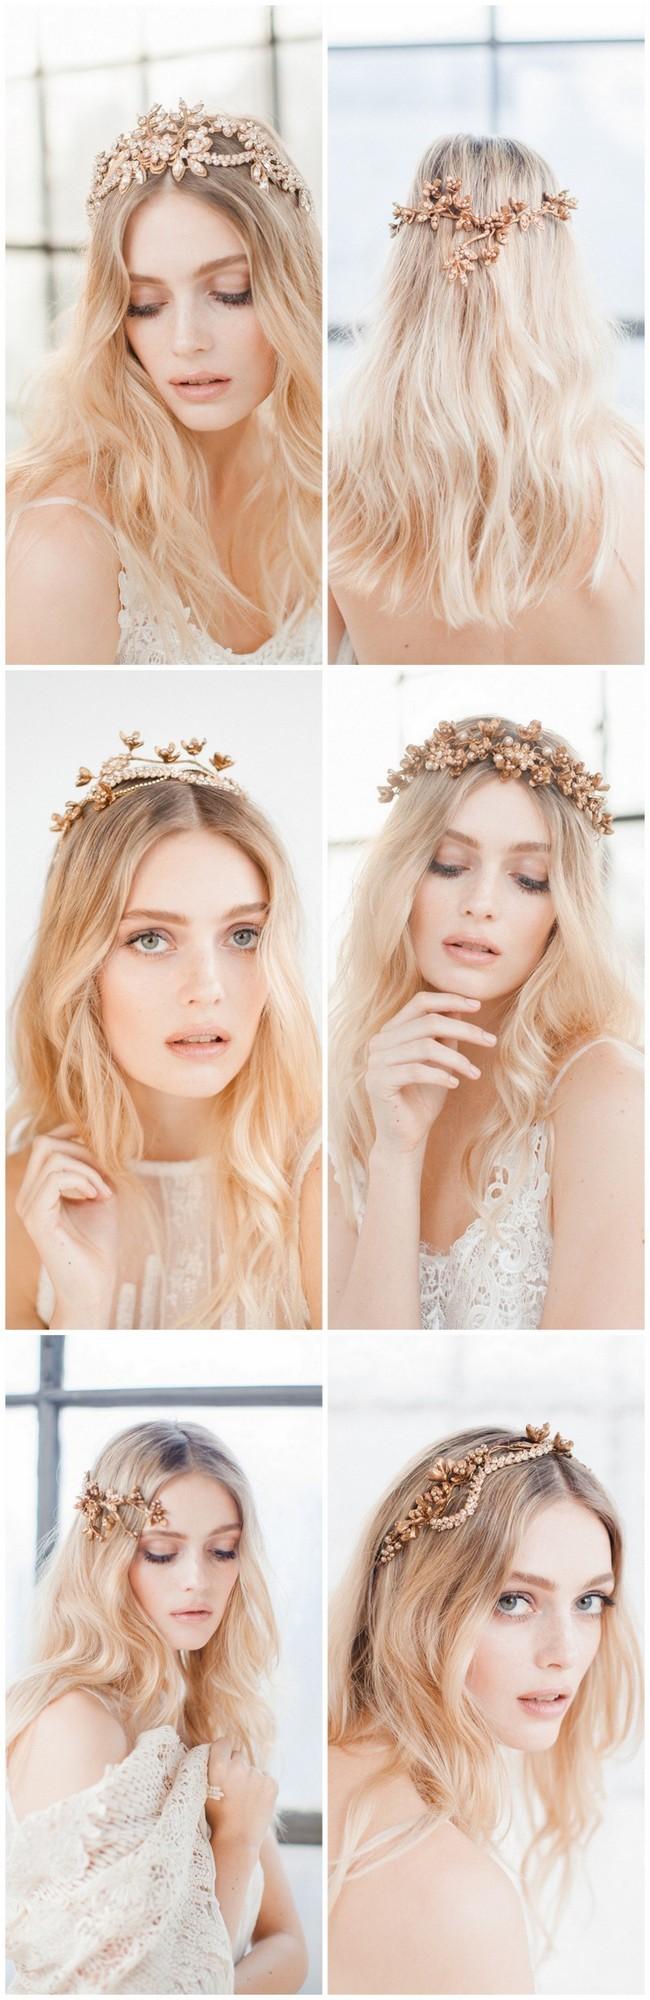 Swoon over jannie baltzer s wild nature bridal headpiece collection - Jannie Baltzer Wild Nature Bridal Headpiece Collection 2016 Sandra Aberg Photography